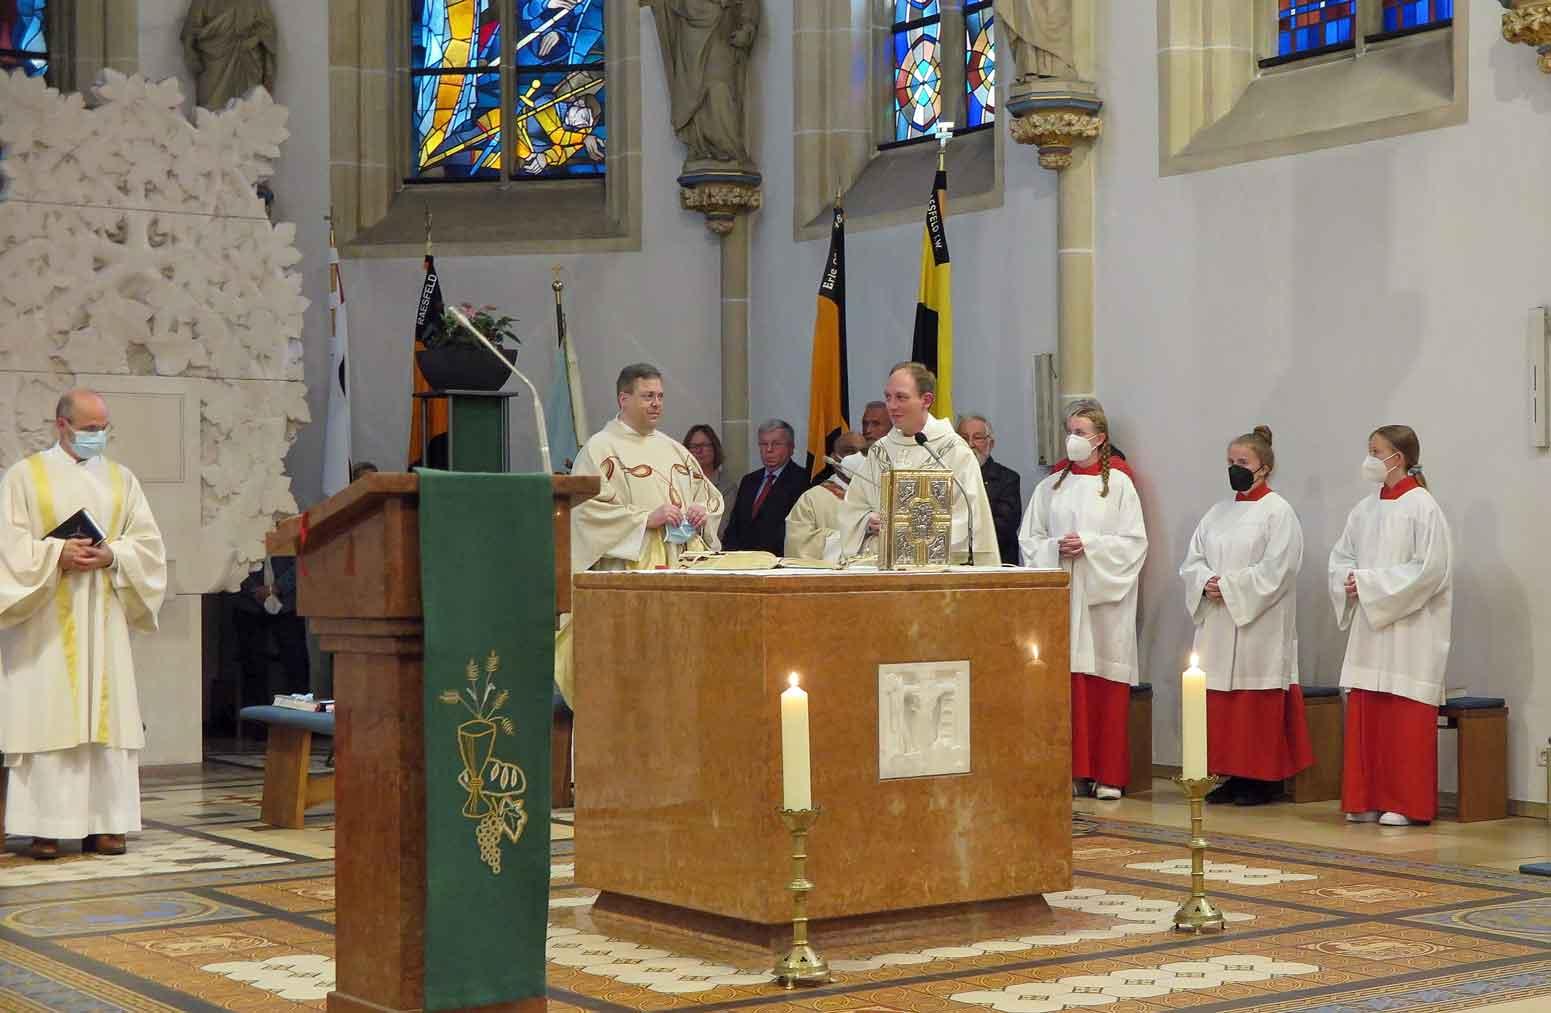 Neuer-Pastor-Tilling-Fabian-in-Raesfeld